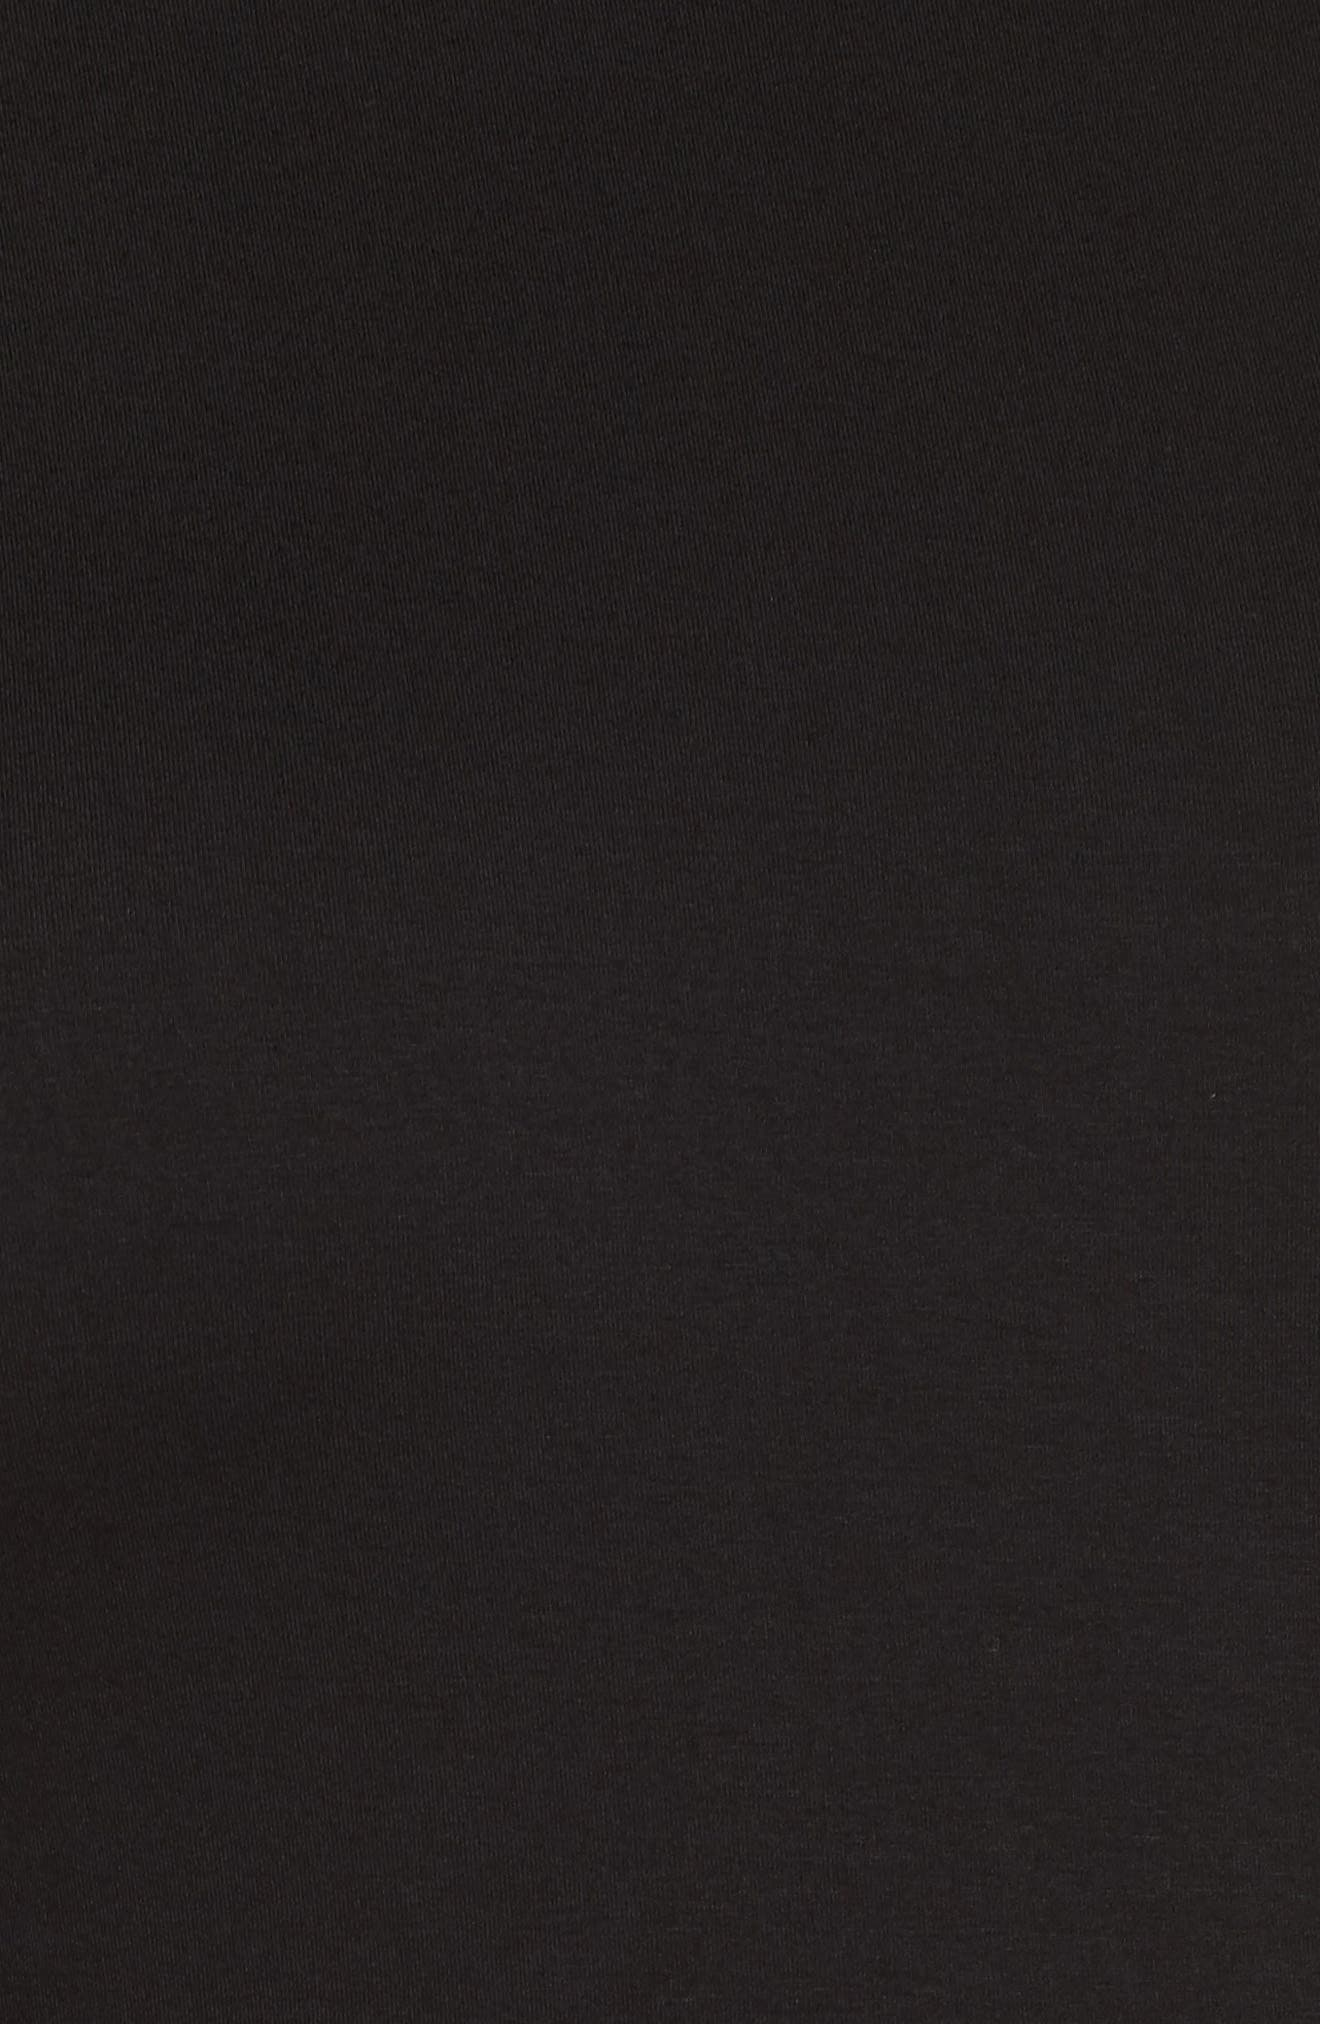 Bubble Sleeve Top,                             Alternate thumbnail 5, color,                             RICH BLACK